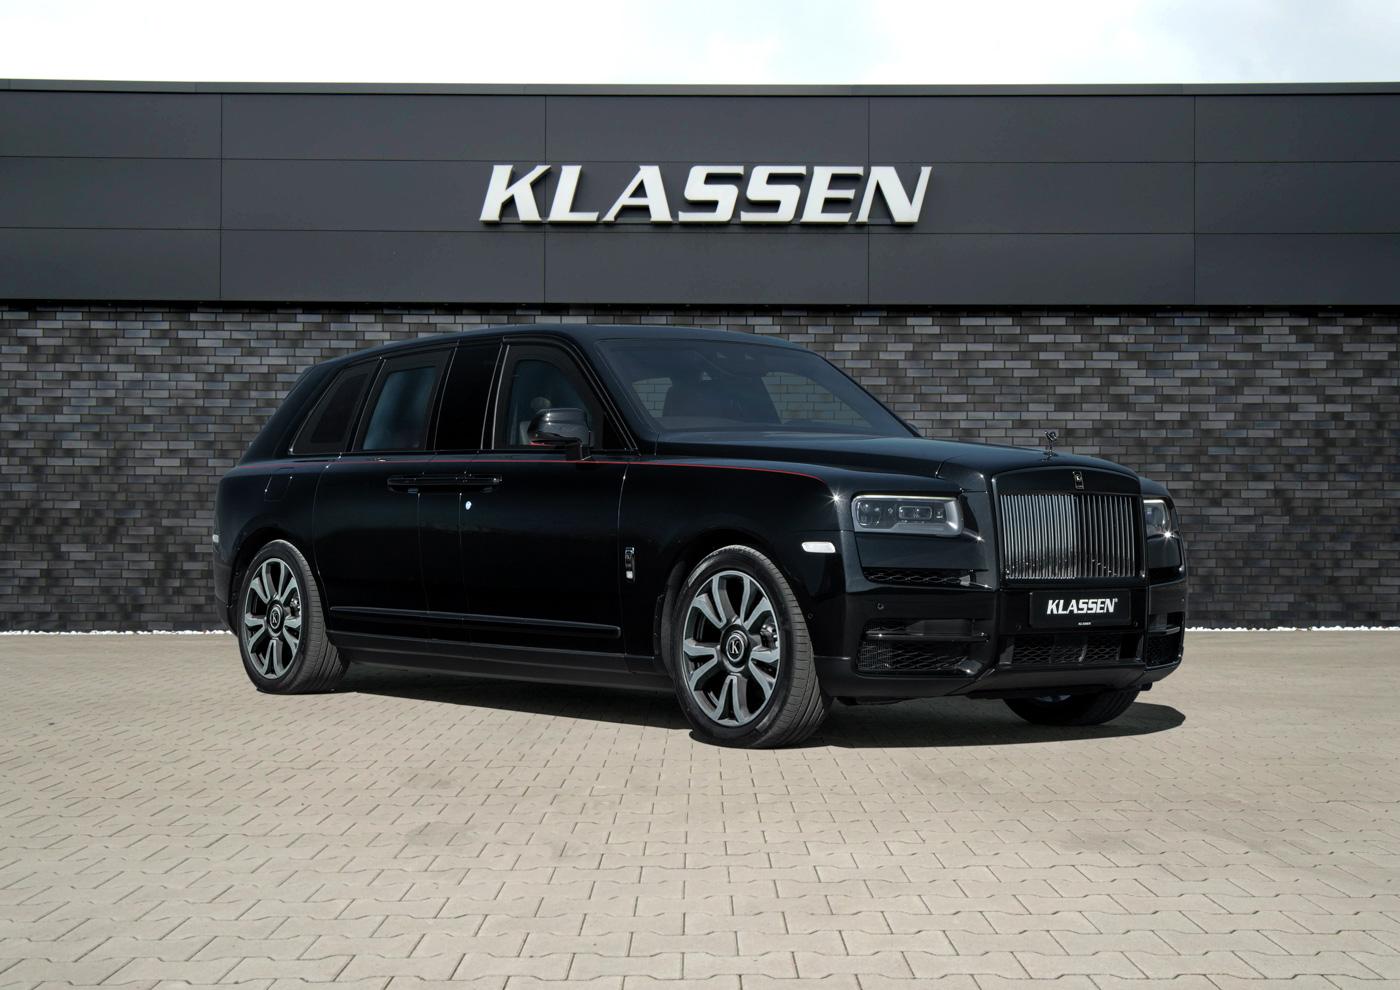 Kham-pha-sieu-phao-dai-rolls-royce-cullinan-do-limousine-cung-ao-giap-chong-dan-cuc-an-toan (14).JPG